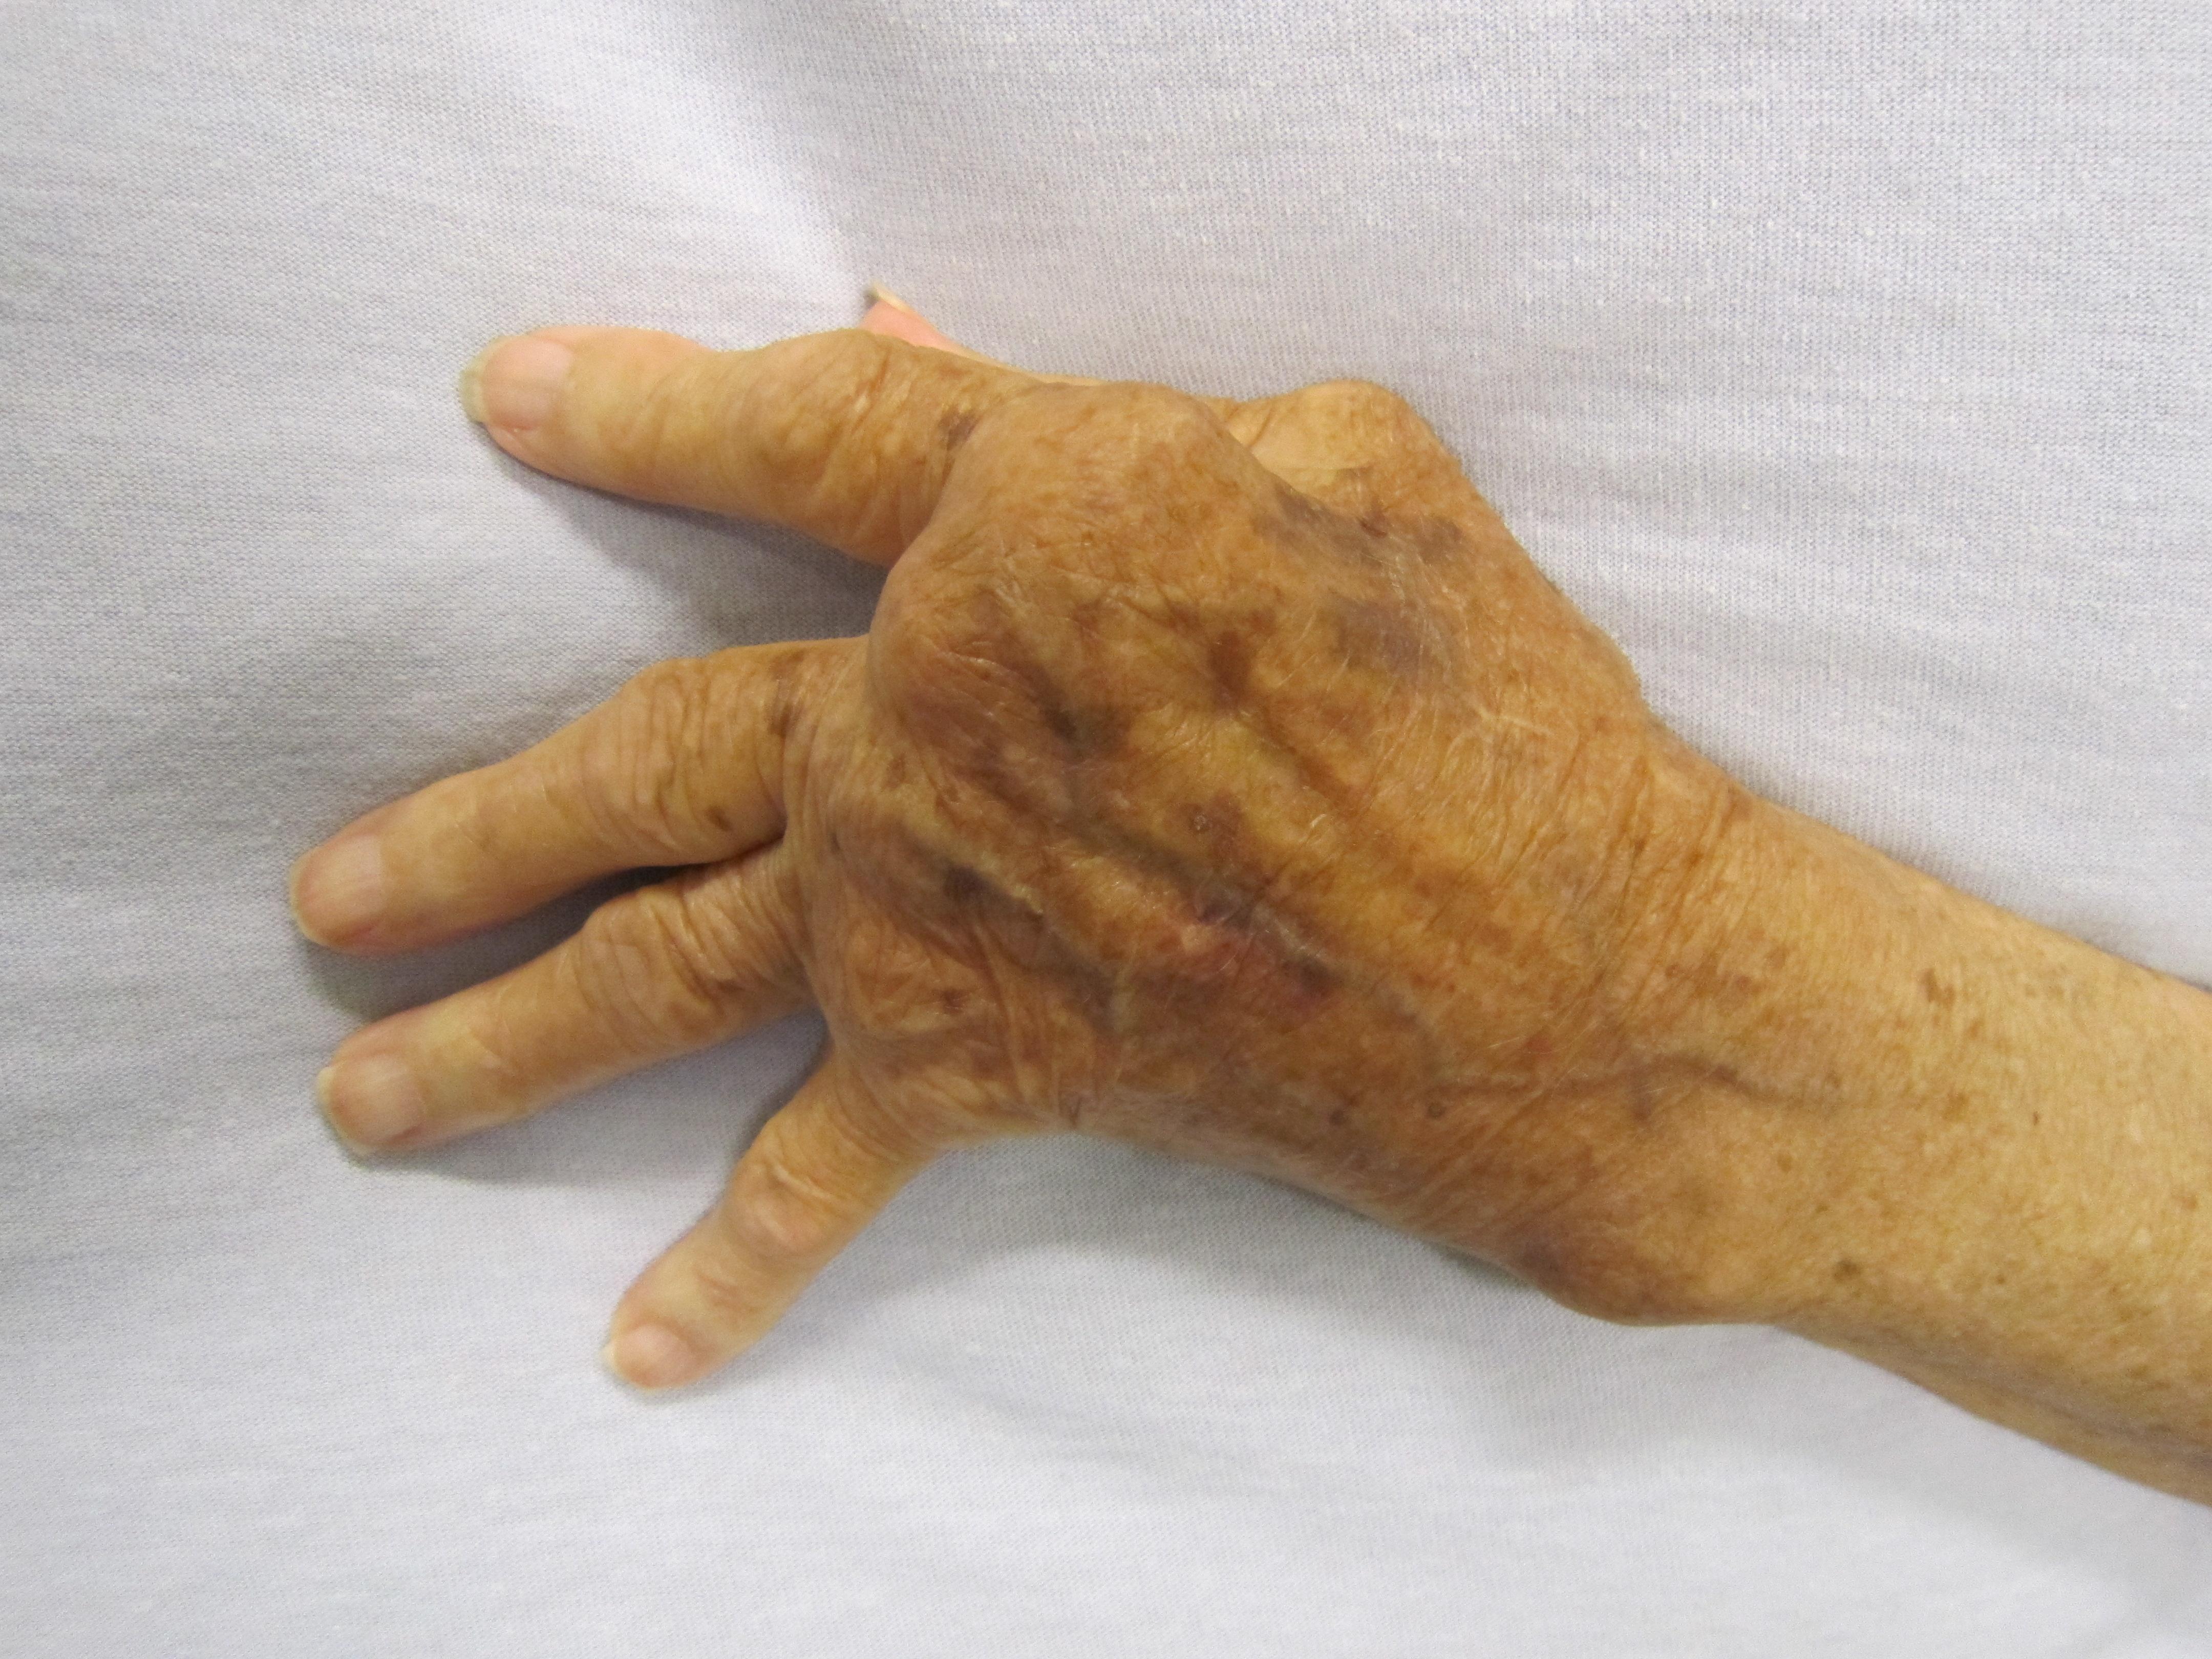 A csontritkulás okozta fájdalom - fájdalomportá1000arcu.hu